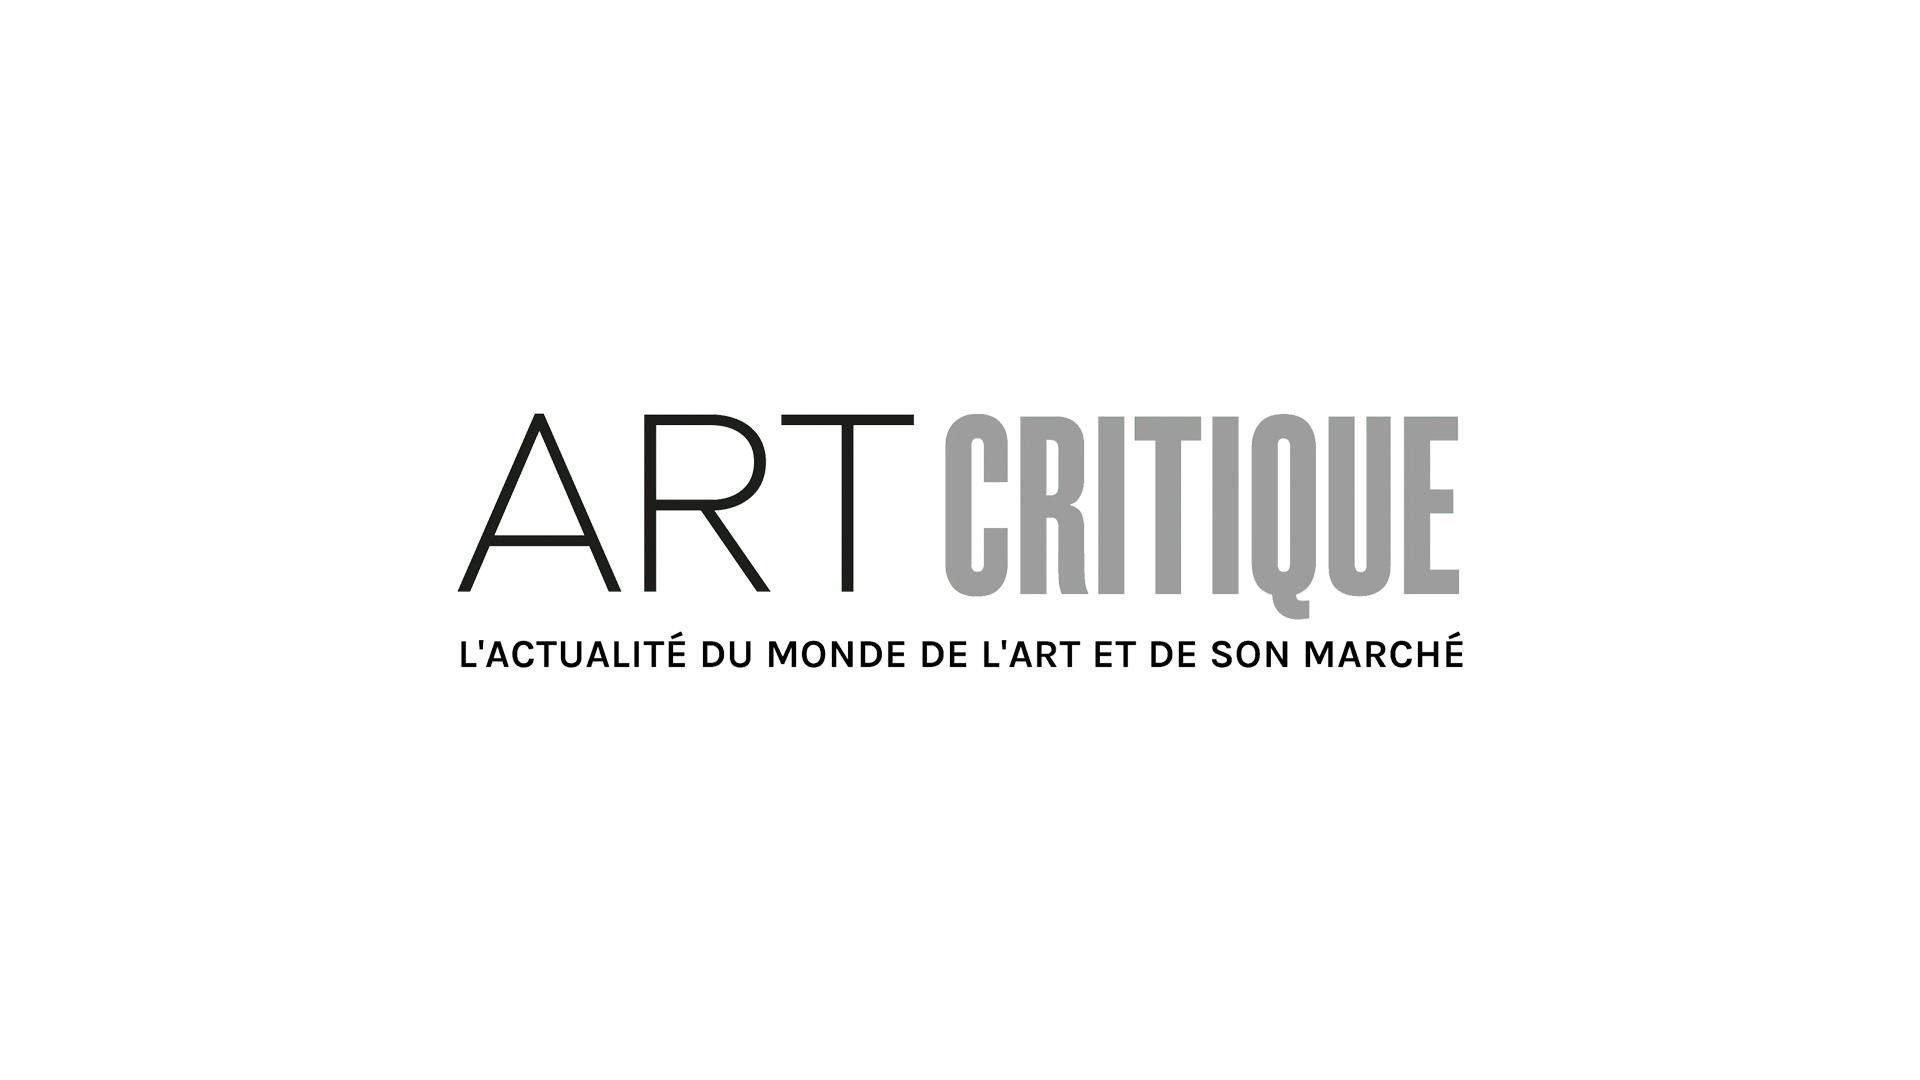 Le musée Maillol convoque les esprits